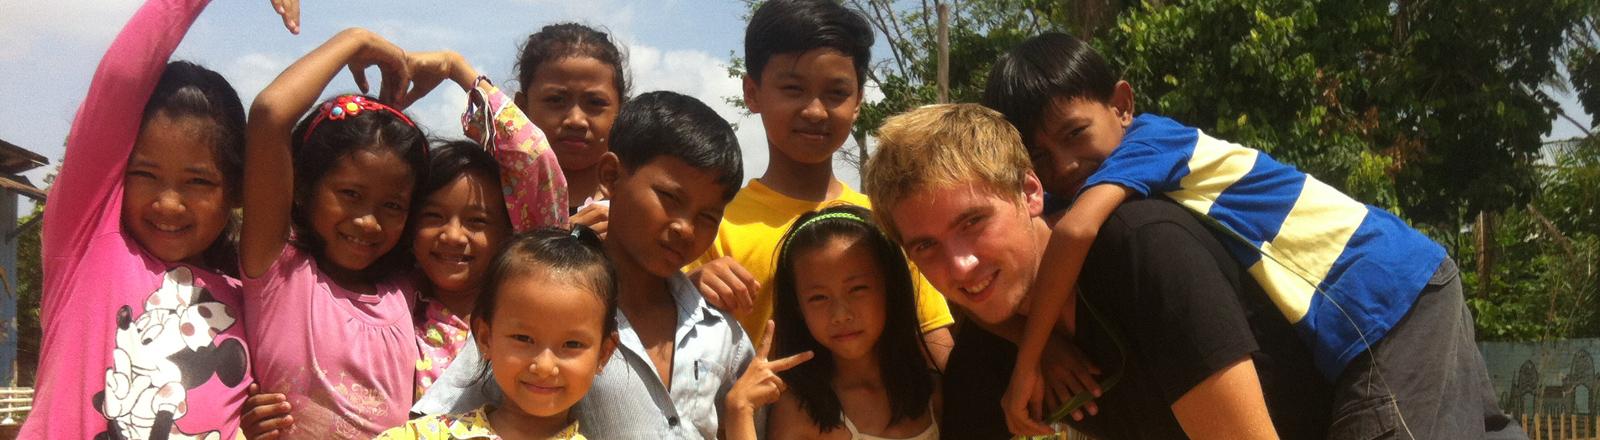 Der schwedische Freiwillige Frederick spielt mit Waisenhauskinder in Siem Reap in Kambodscha am 26.06.2014.